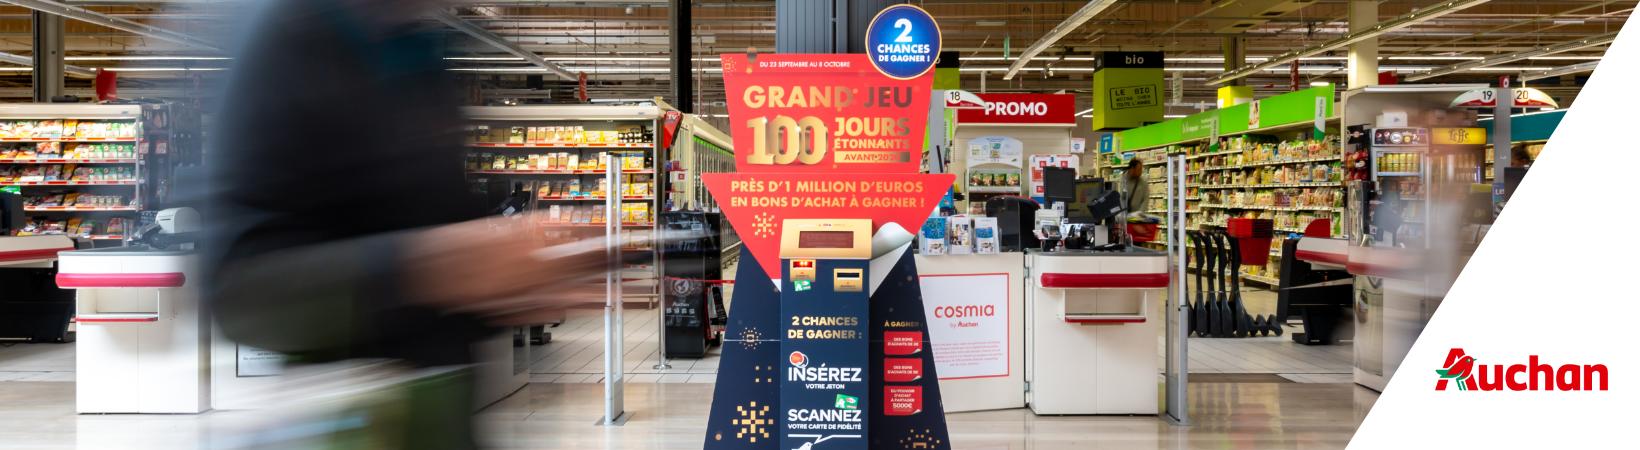 Les 100 jours étonnants Auchan